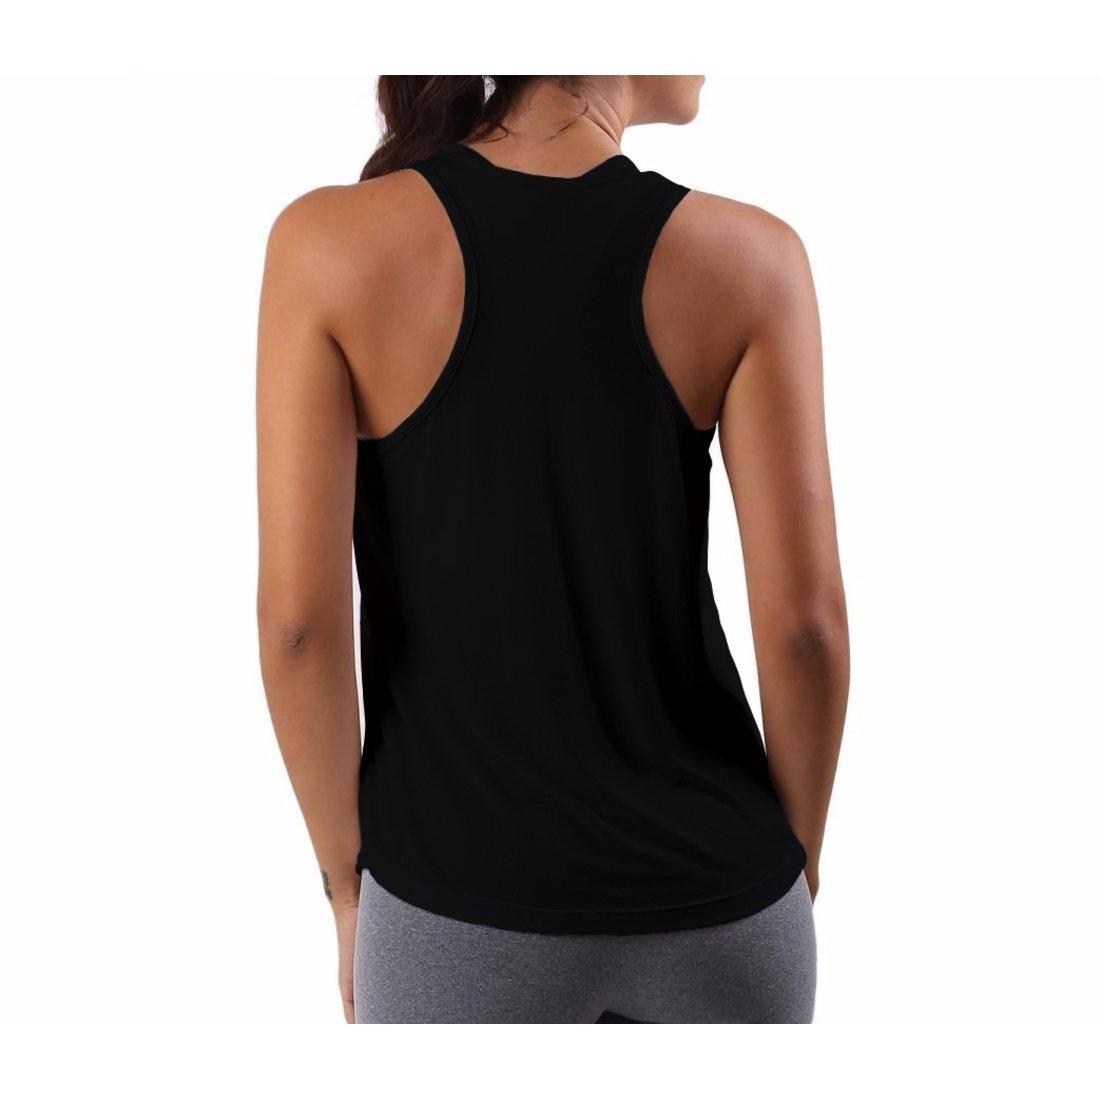 Camiseta Regata Criativa Urbana Mão de Fátima - Preto - Compre Agora ... 7bee911d41e